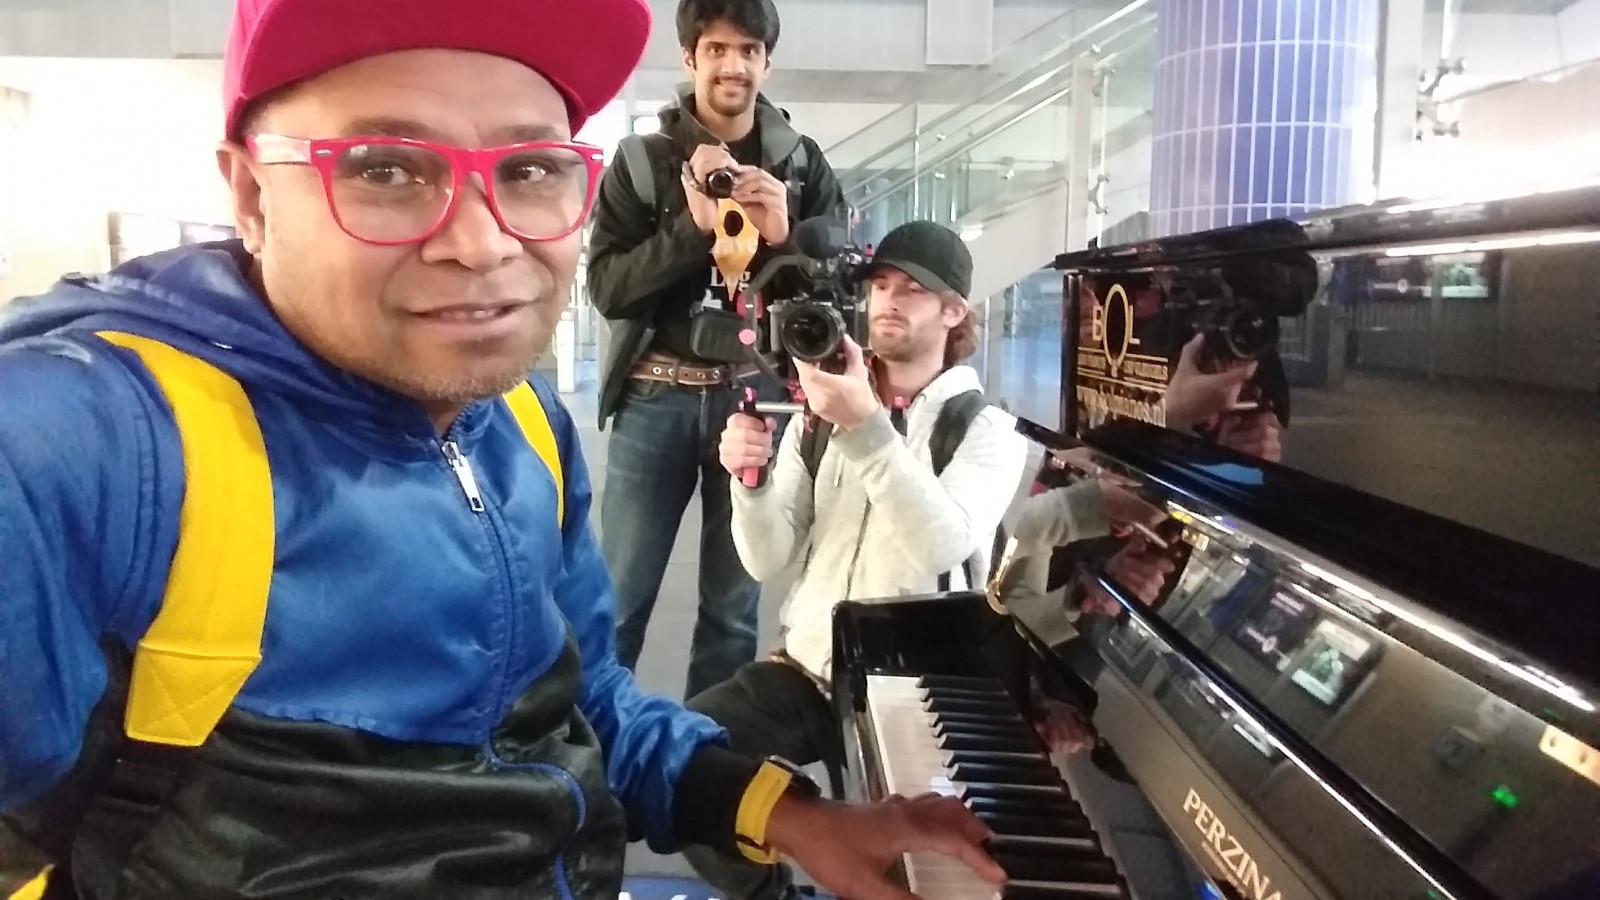 Missie geslaagd! Ernesto speelt piano op 17 NS-stations binnen een dag